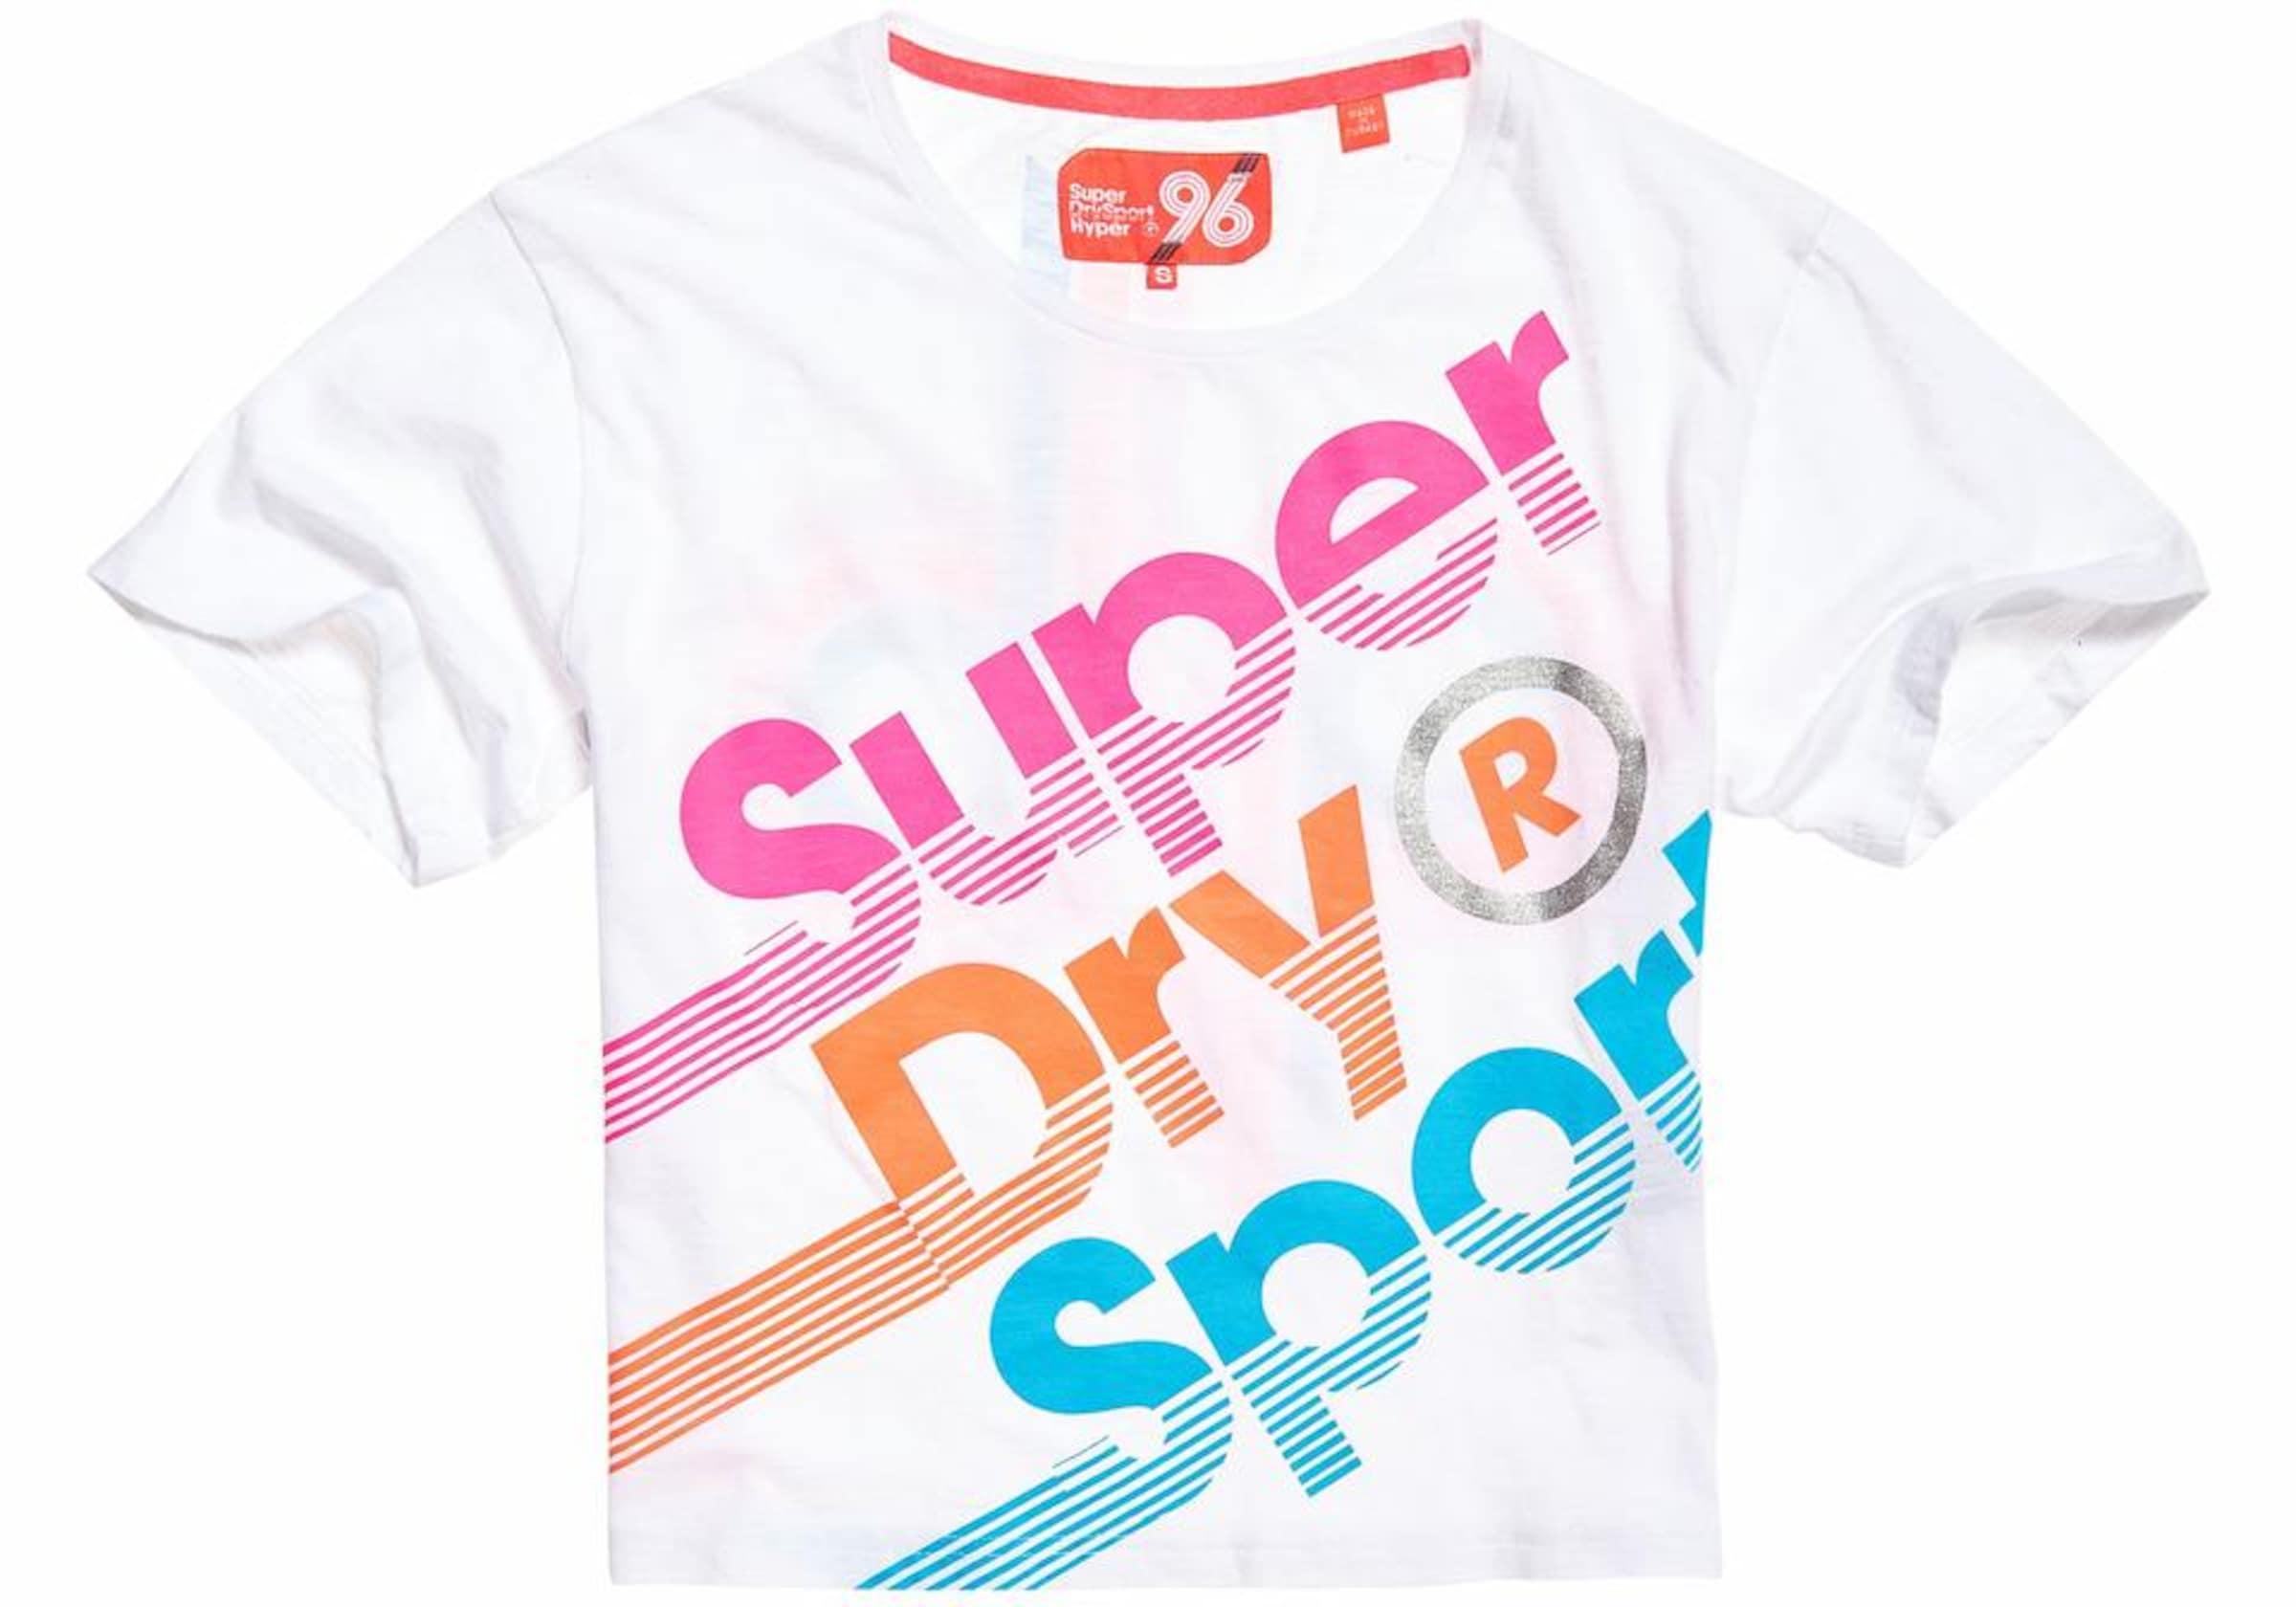 Billig Verkaufen Billigsten Superdry T-Shirt 'HYPER SOFT LABEL CROP TEE' Günstig Kaufen Preise Professionelle Günstig Online Zum Verkauf Günstigen Preis Niedrige Versandgebühr Günstiger Preis Dd96G